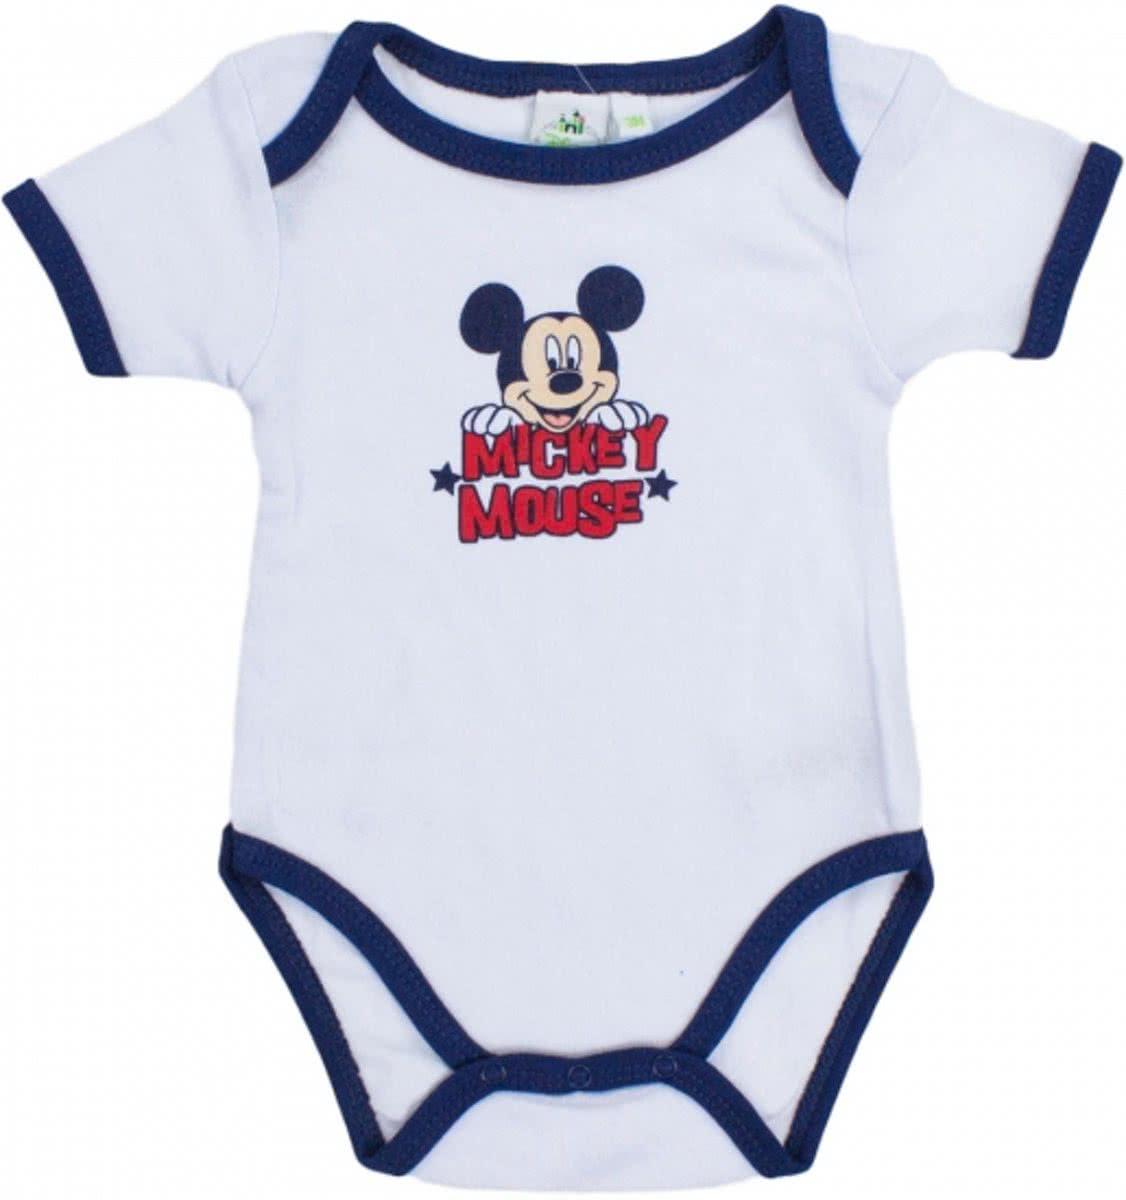 e9280037b380a4 Mickey Mouse korte mouw rompertje wit/navy 12-18 maanden ...